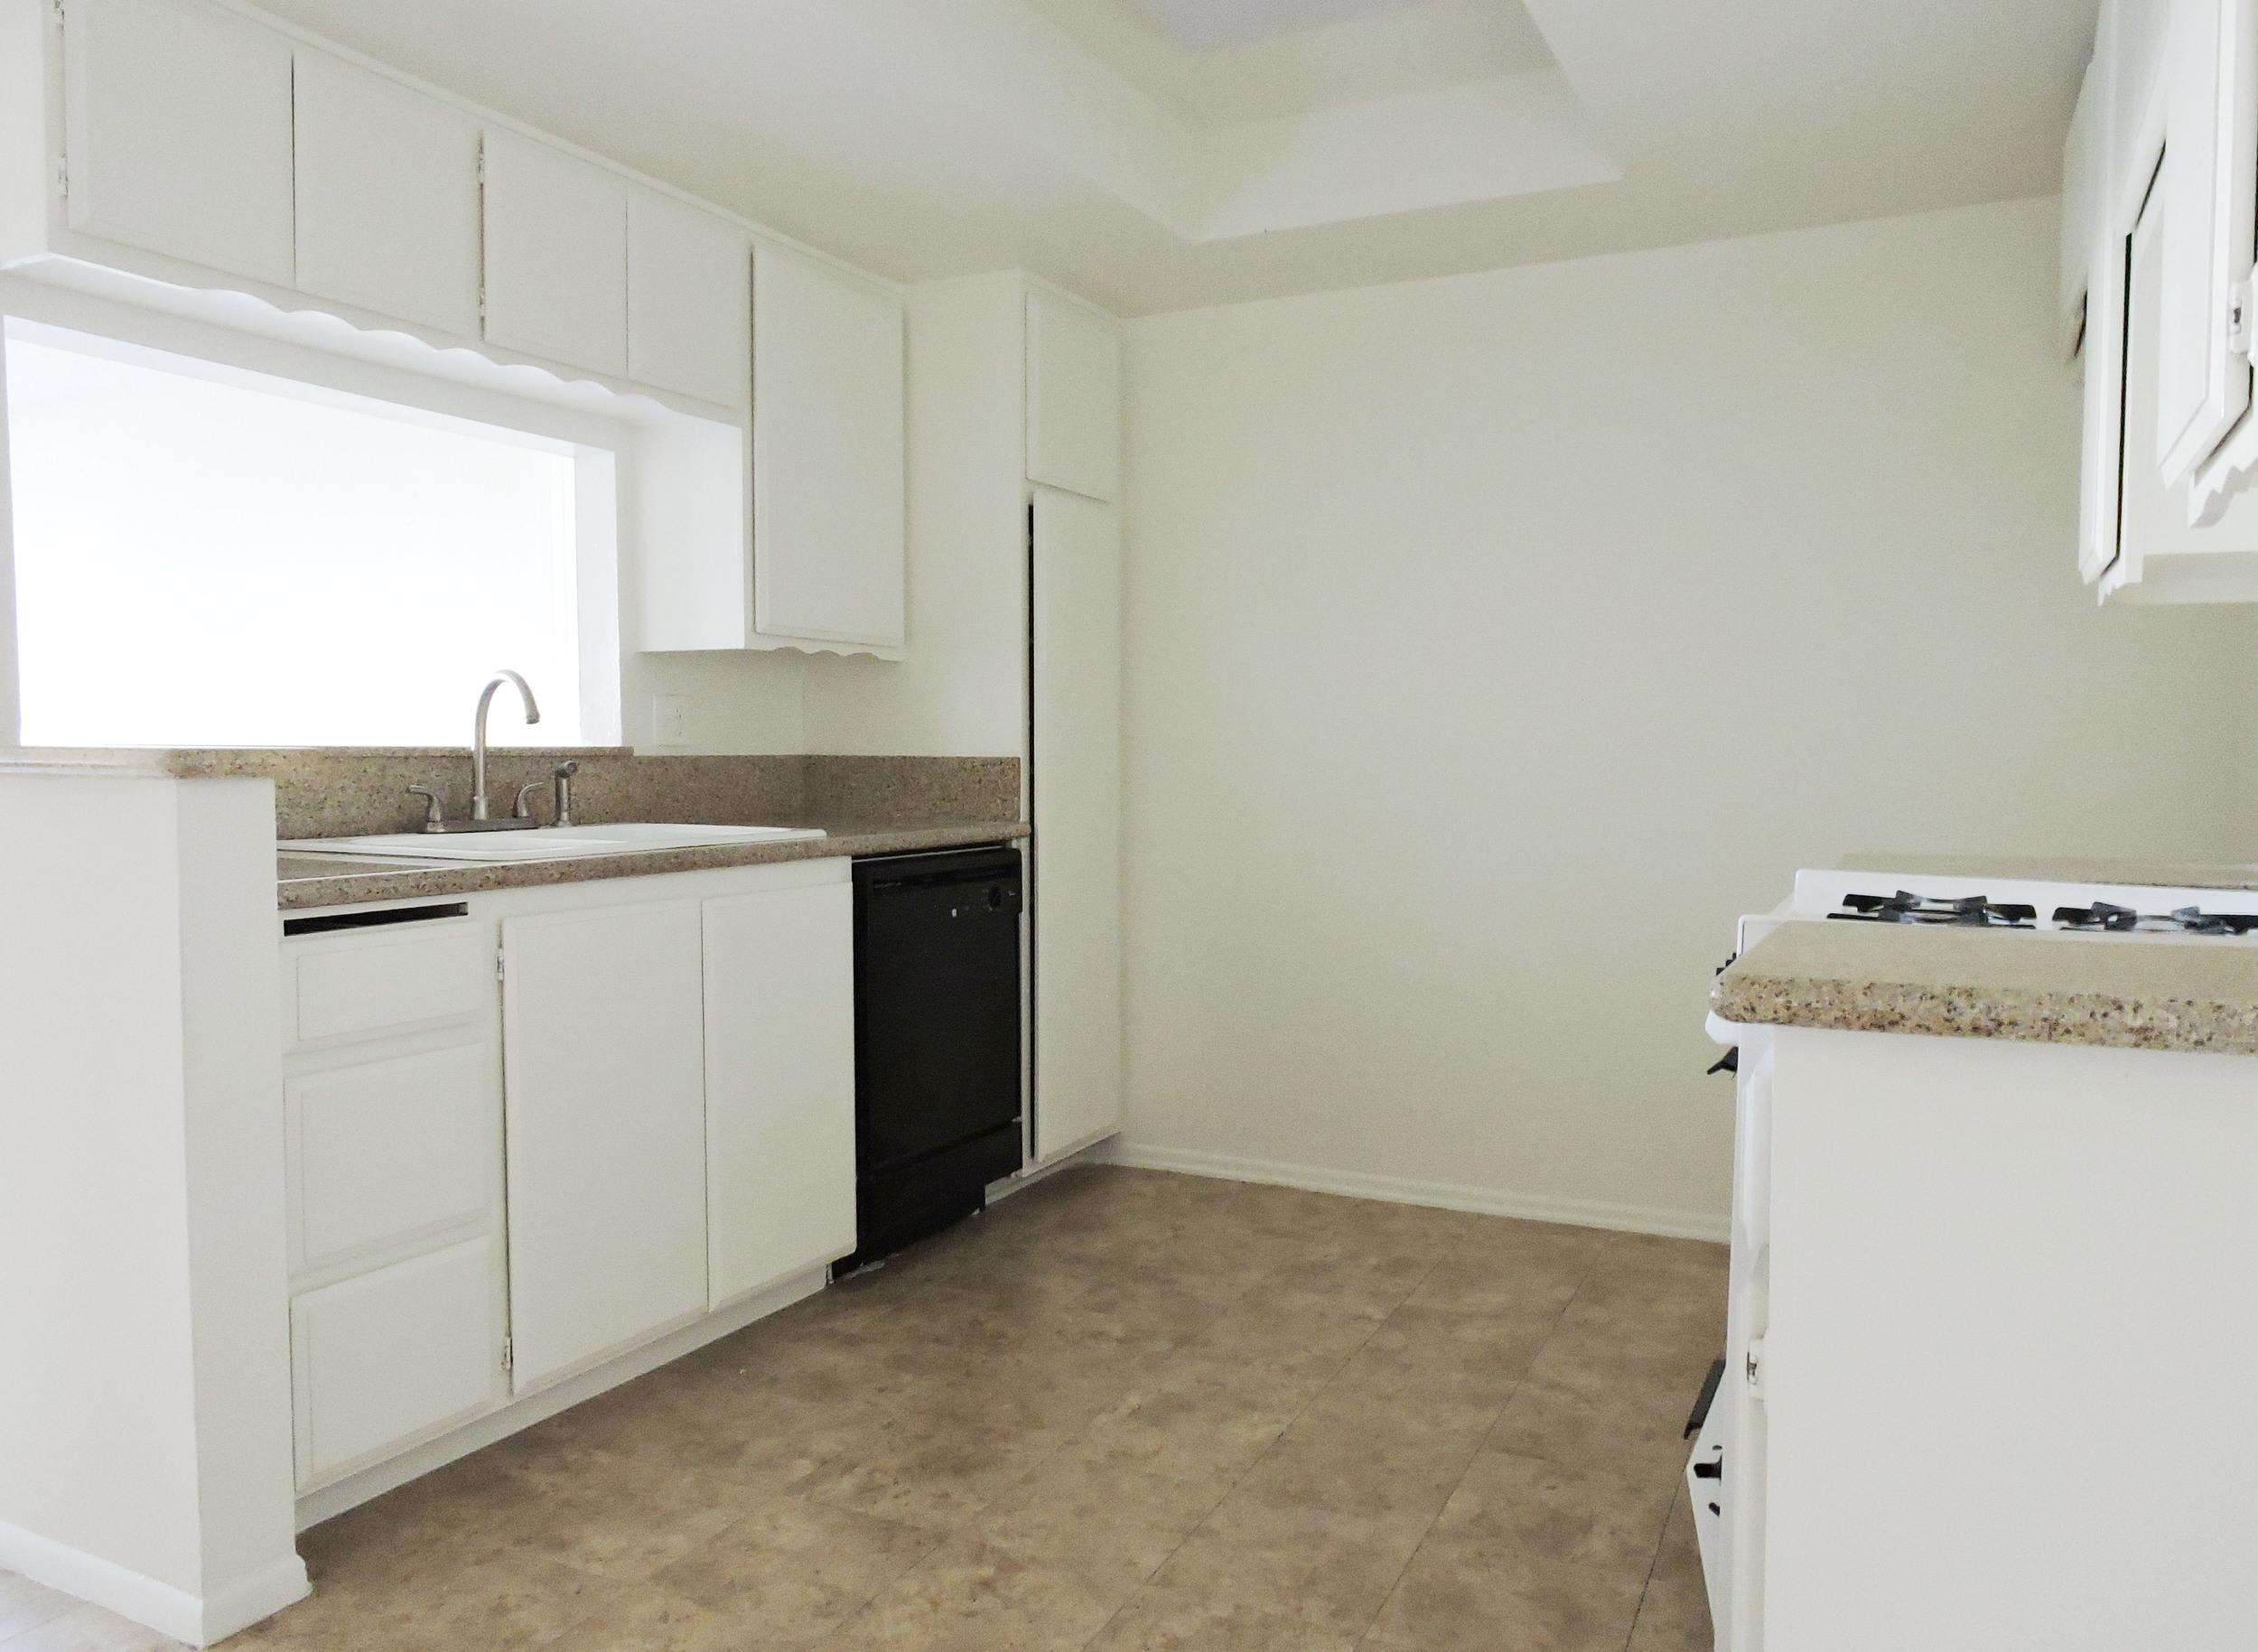 163 kitchen.jpg